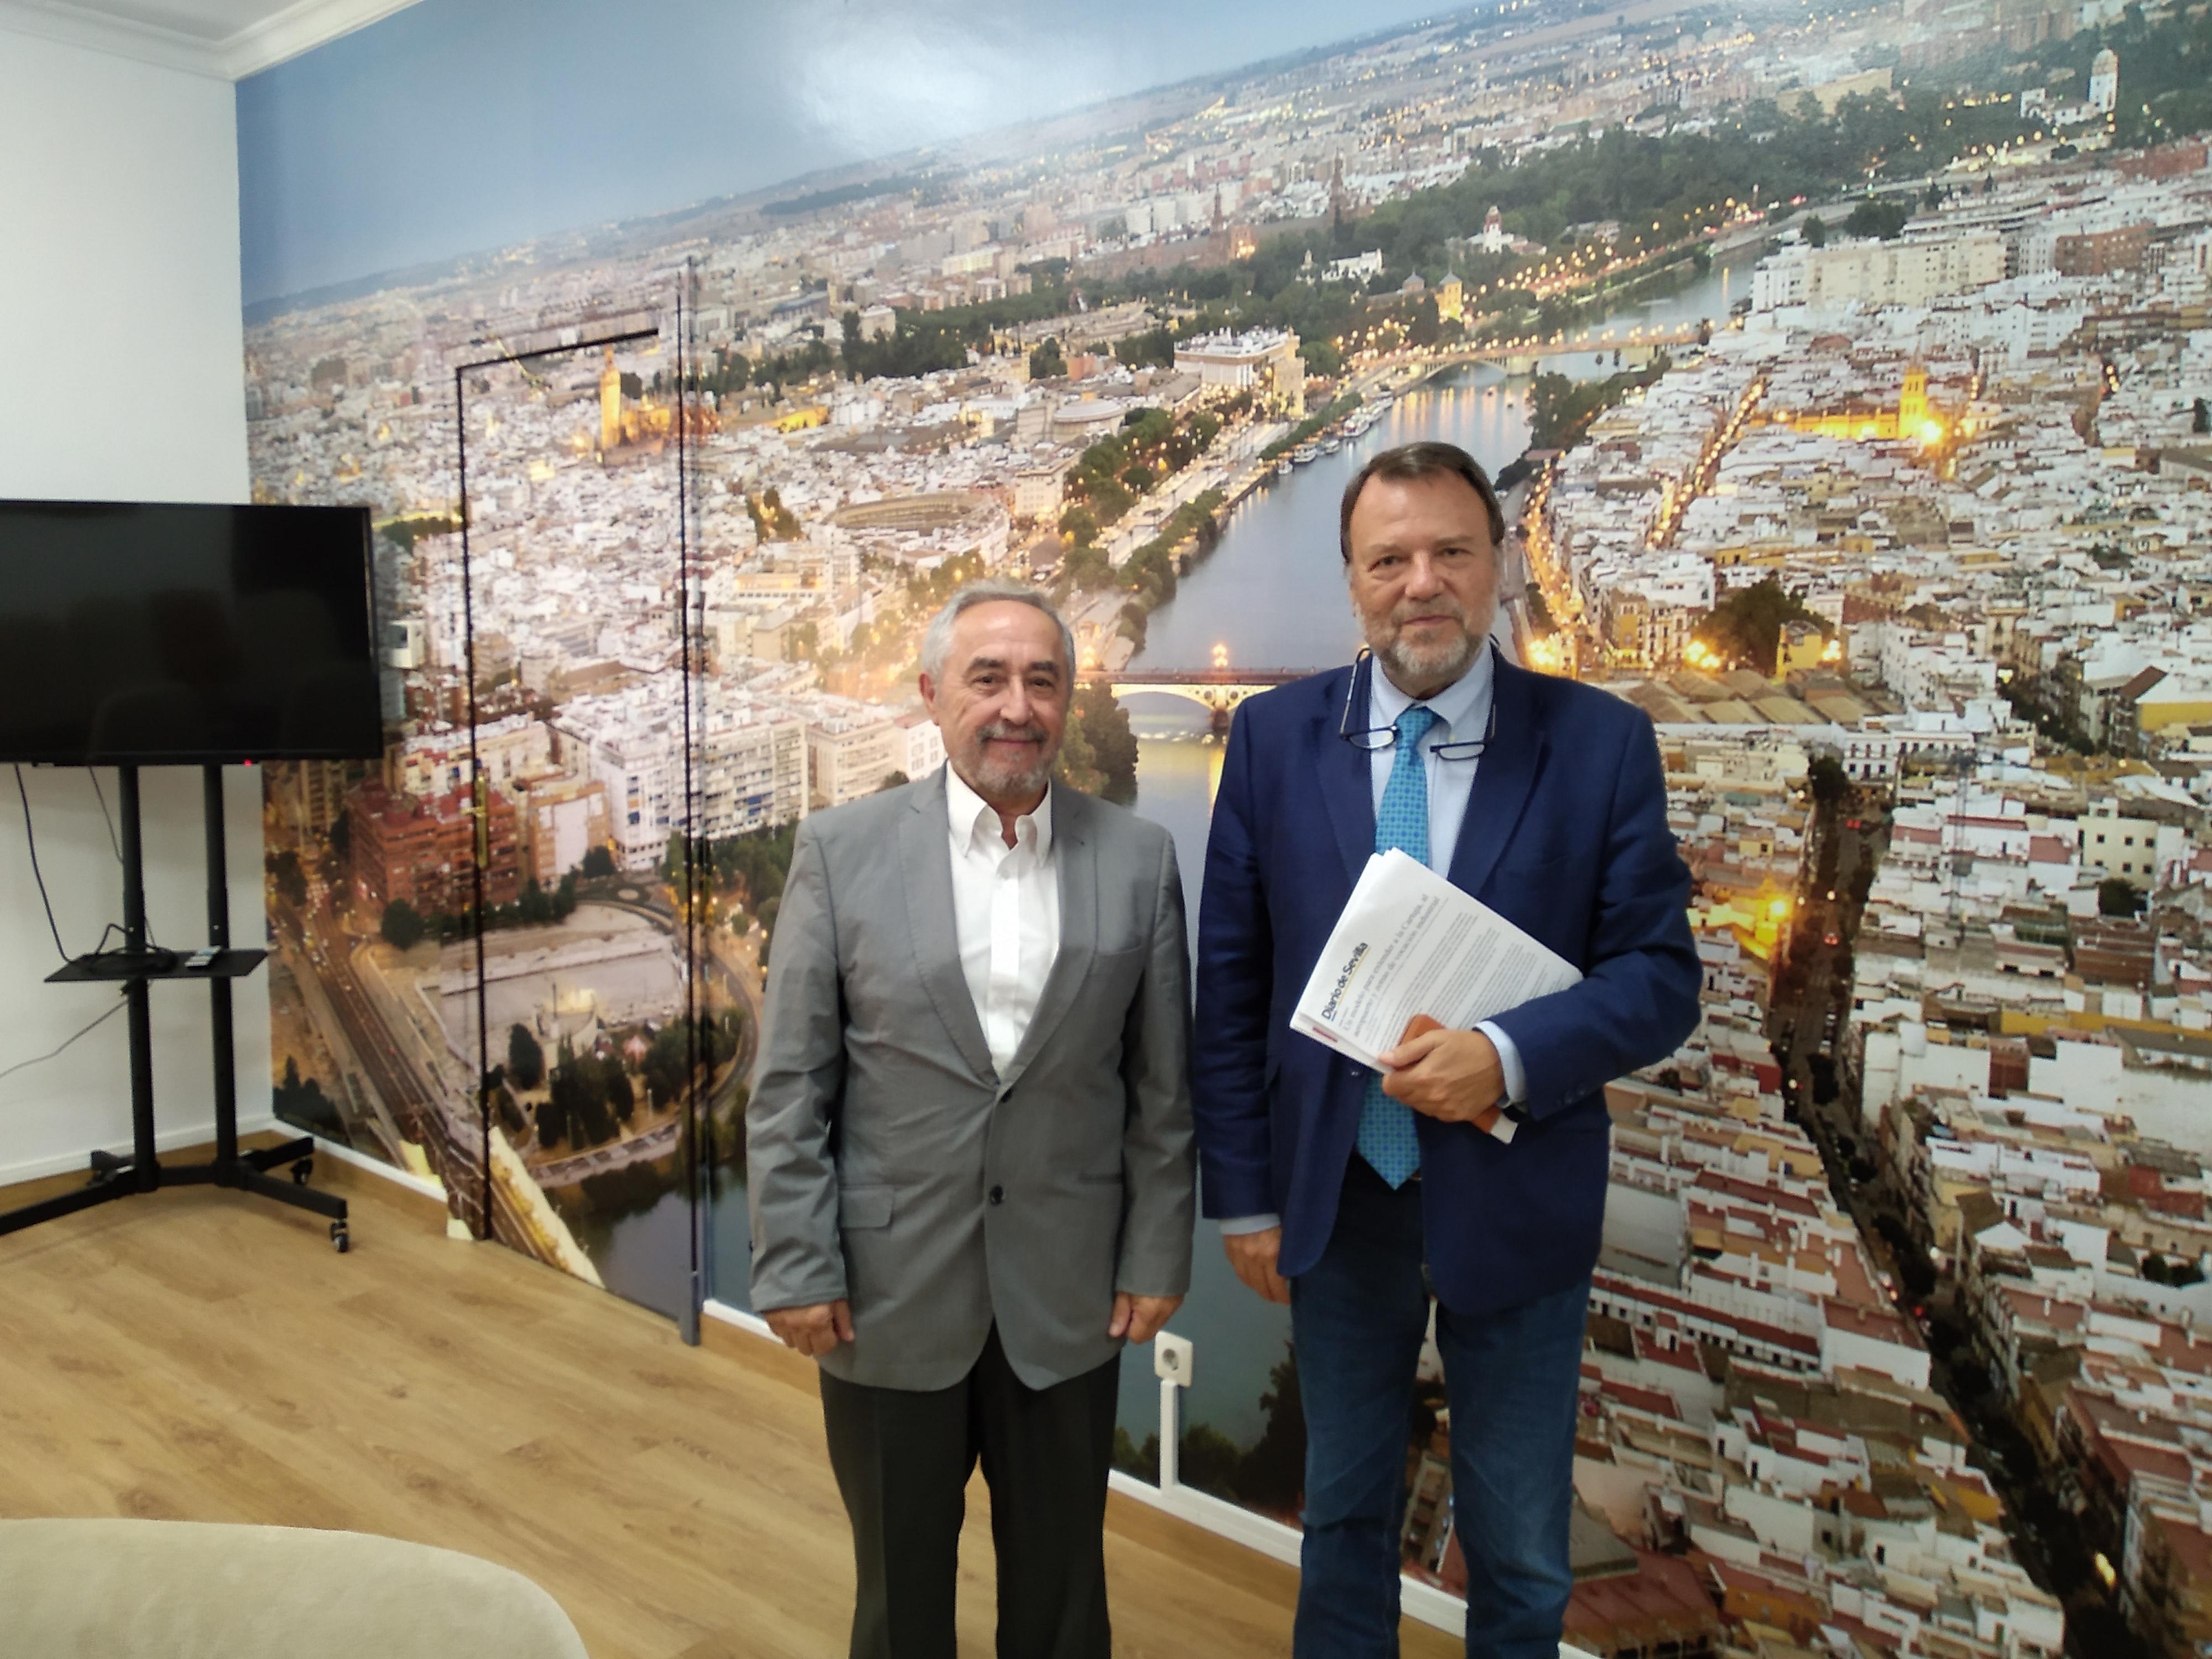 Sánchez Monteseirín y el presidente de APES analizan la situación de los polígonos industriales en Sevilla